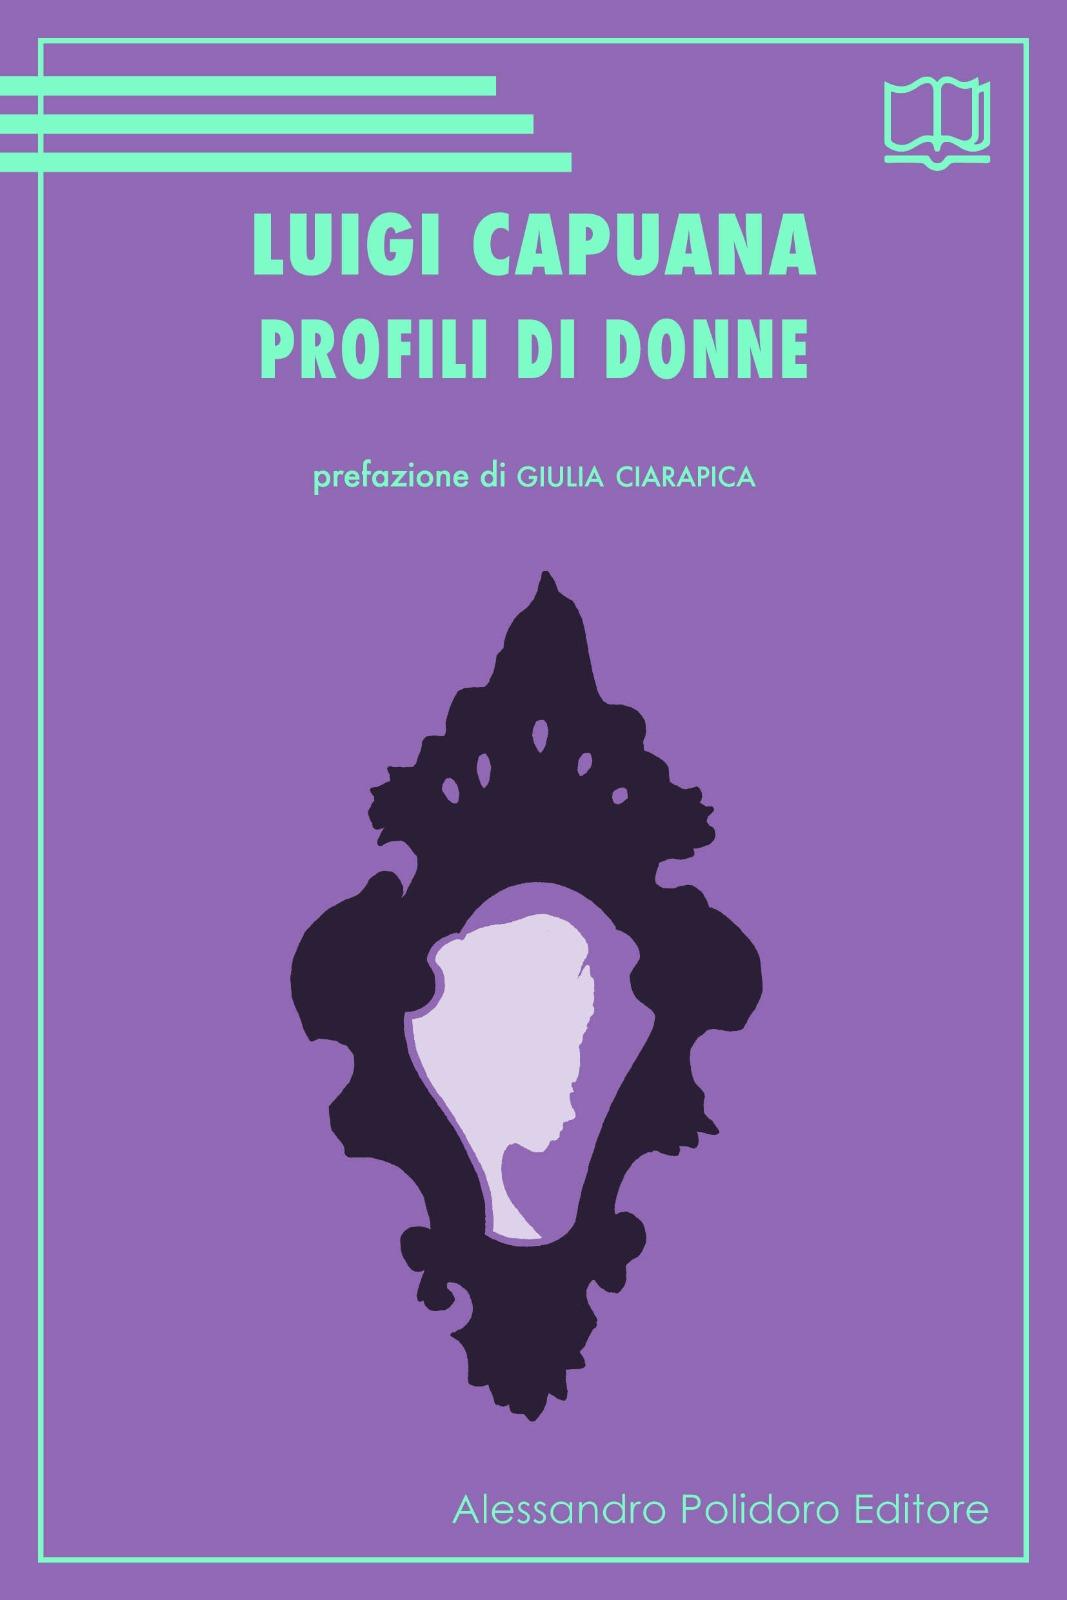 Profili di donne di Luigi Capuana